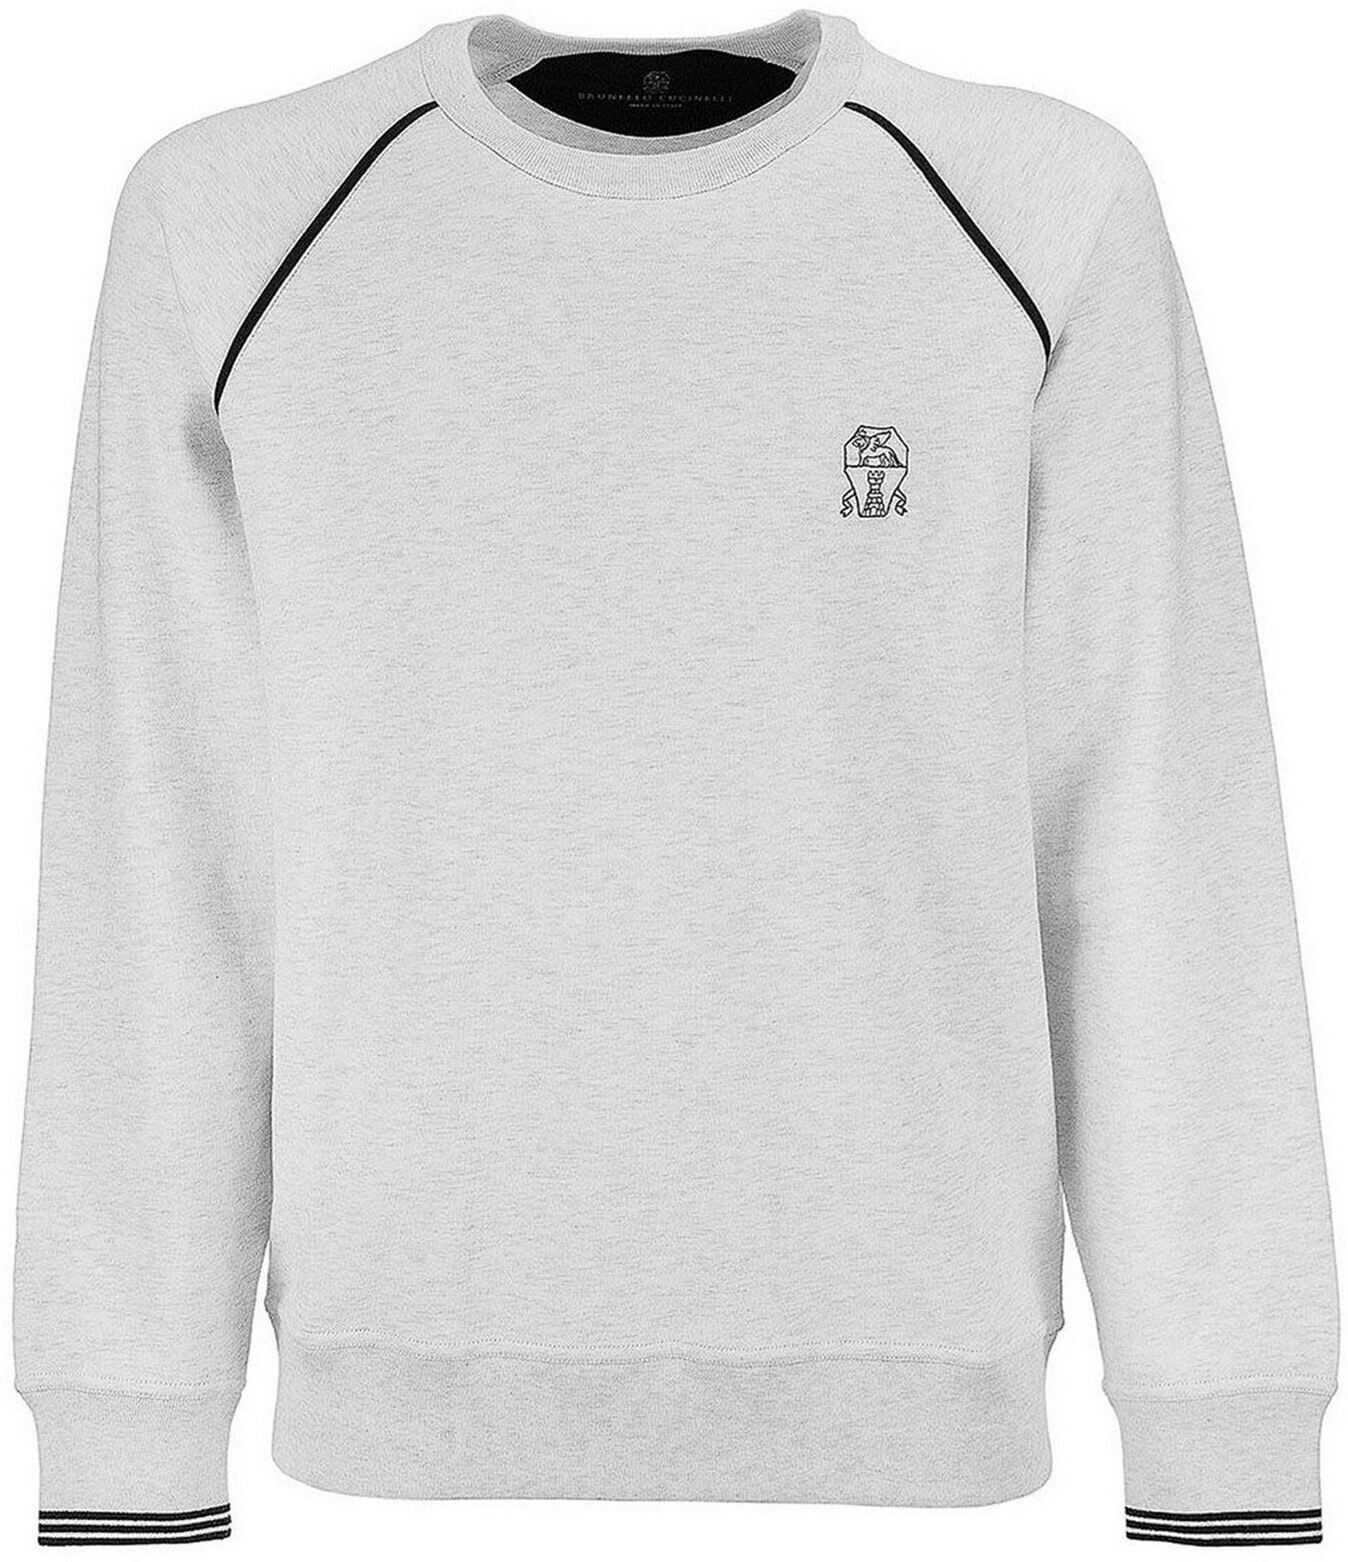 Brunello Cucinelli Cotton Sweatshirt In Melange Grey Grey imagine